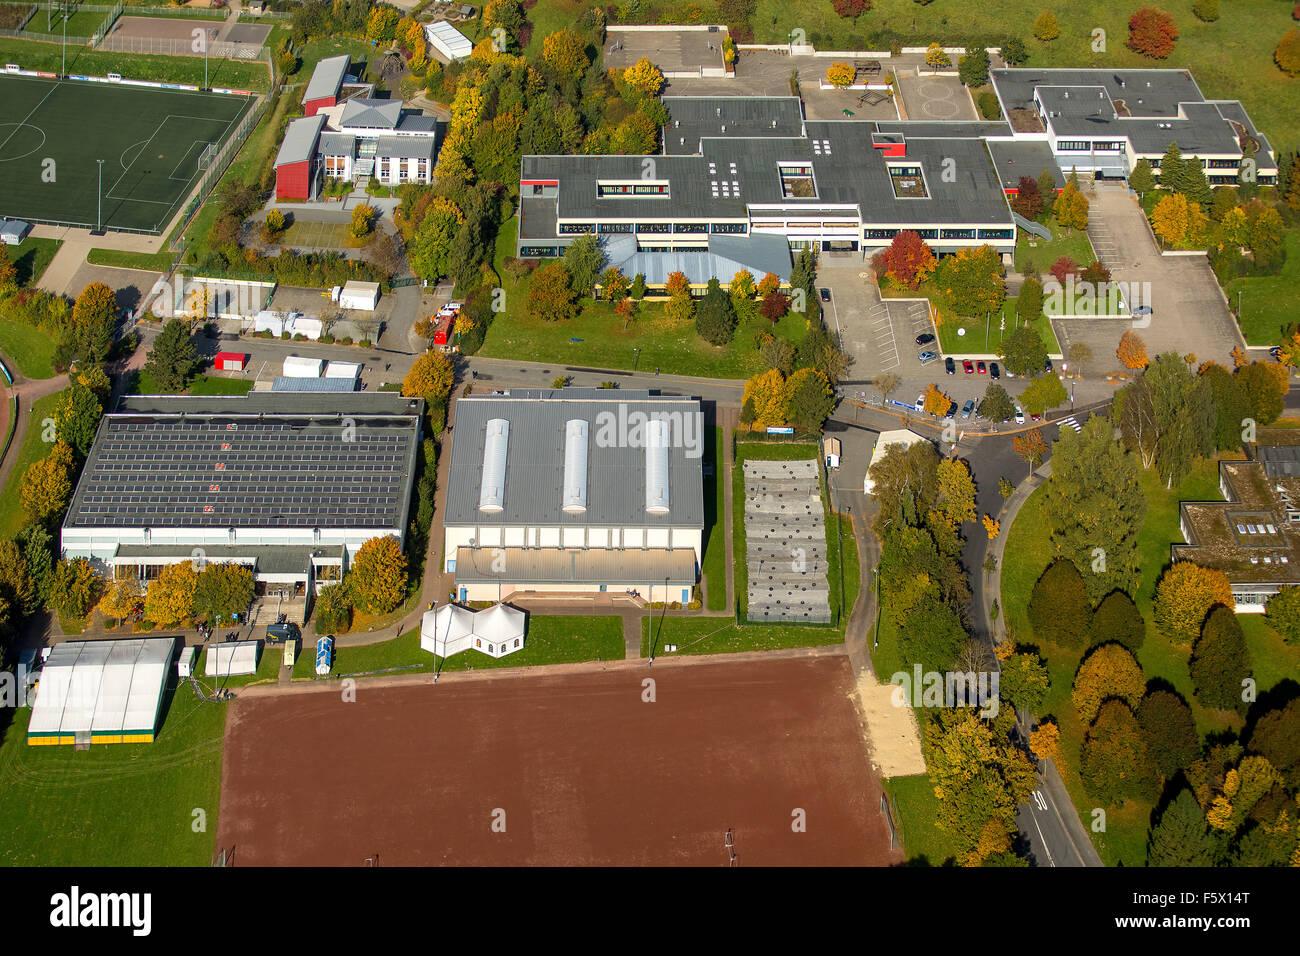 Impianto sportivo Carl-Diem-Weg, Brilon refugee shelter, asilo alloggio, Brilon, Sauerland, Hochsauerlandkreis Immagini Stock